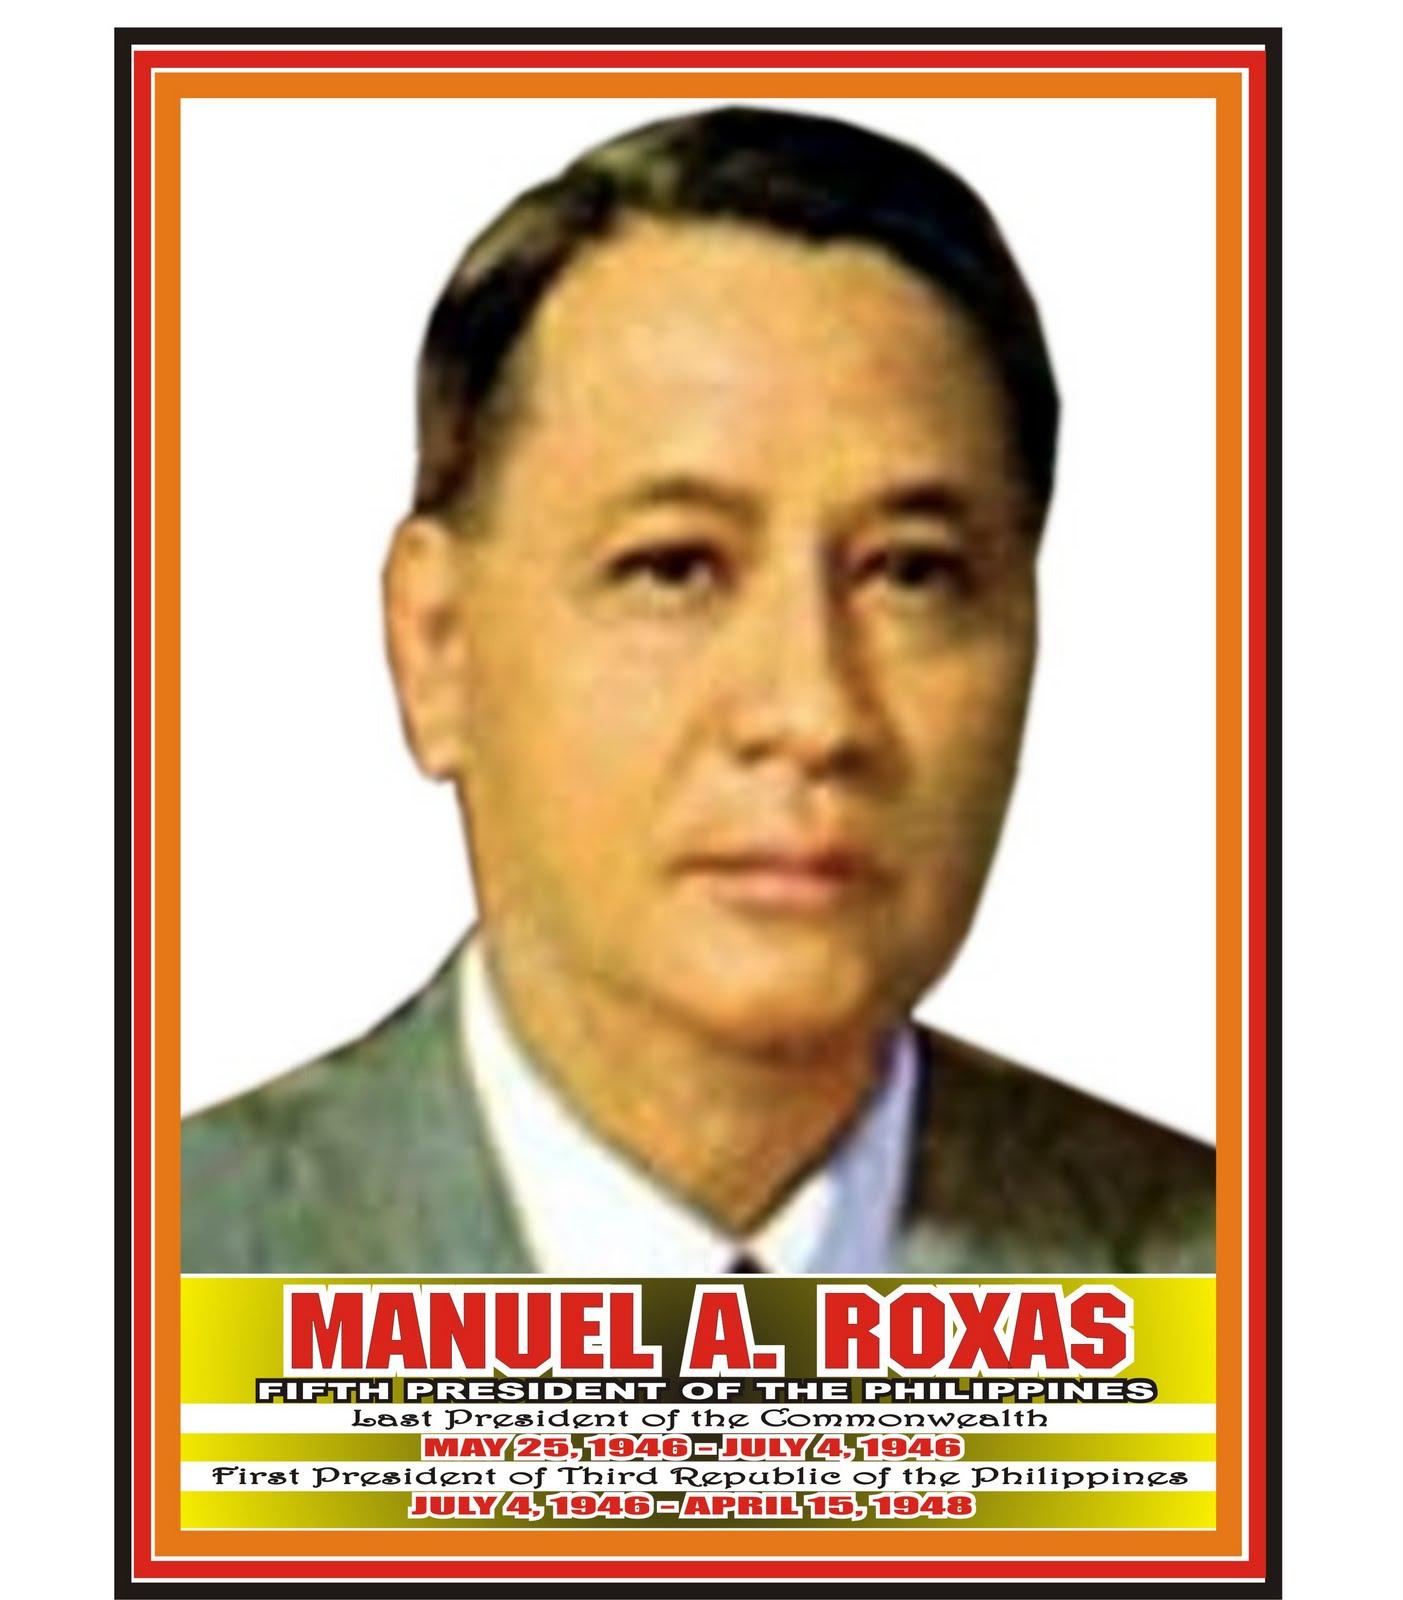 Manuel roxas talambuhay